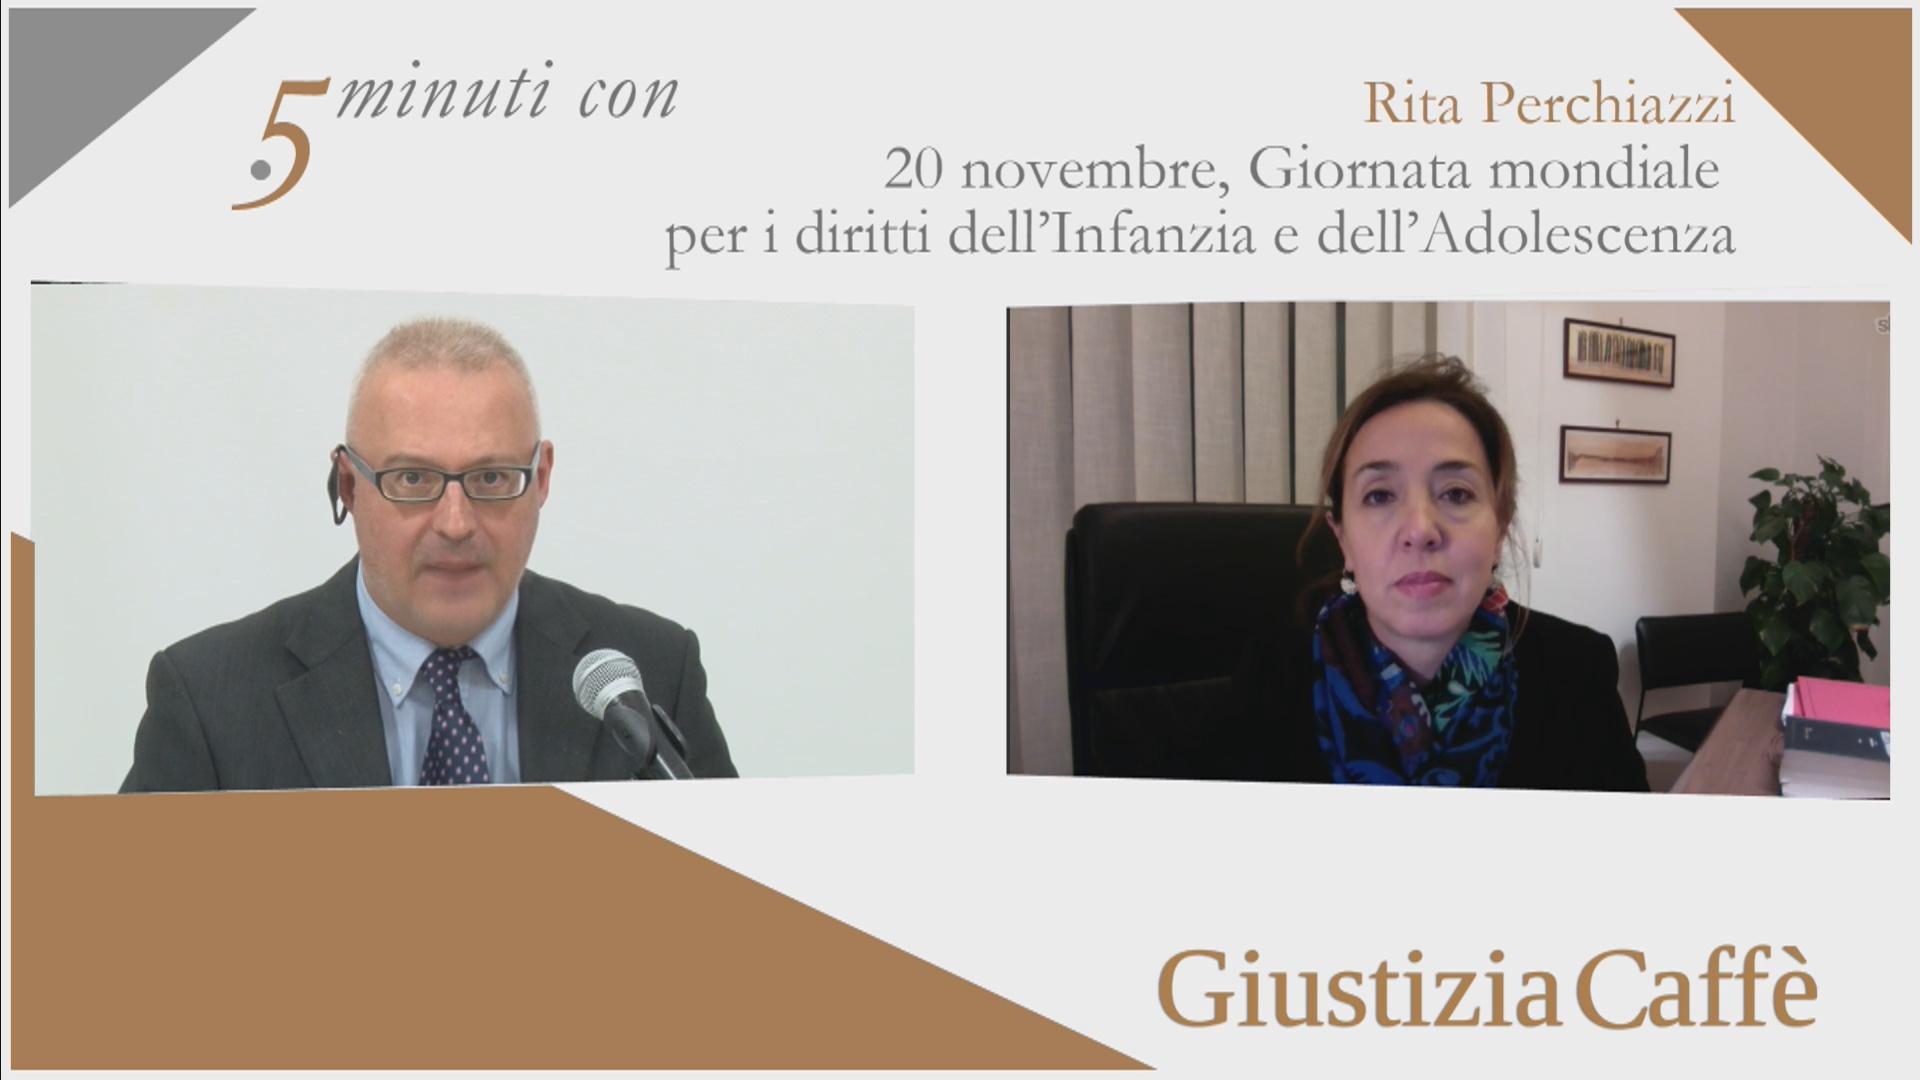 20 novembre, Giornata mondiale per i diritti dell'Infanzia e dell'Adolescenza. Intervista Rita Perchiazzi, Presidente dell'Unione Camere Minorili